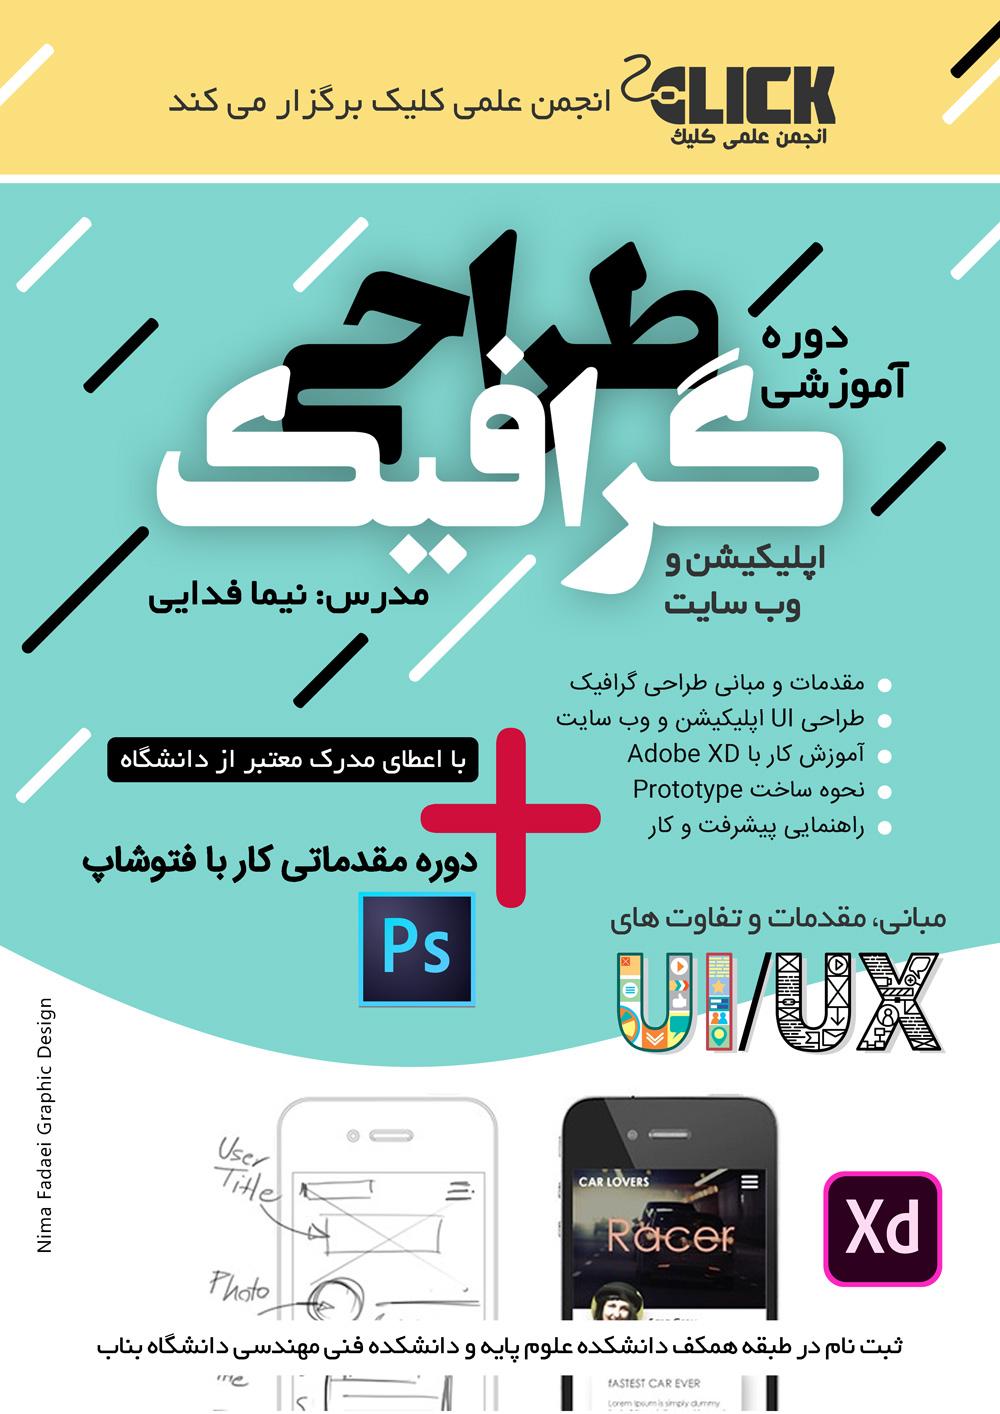 طراحی پوستر دوره های آموزشی دانشگاه بناب